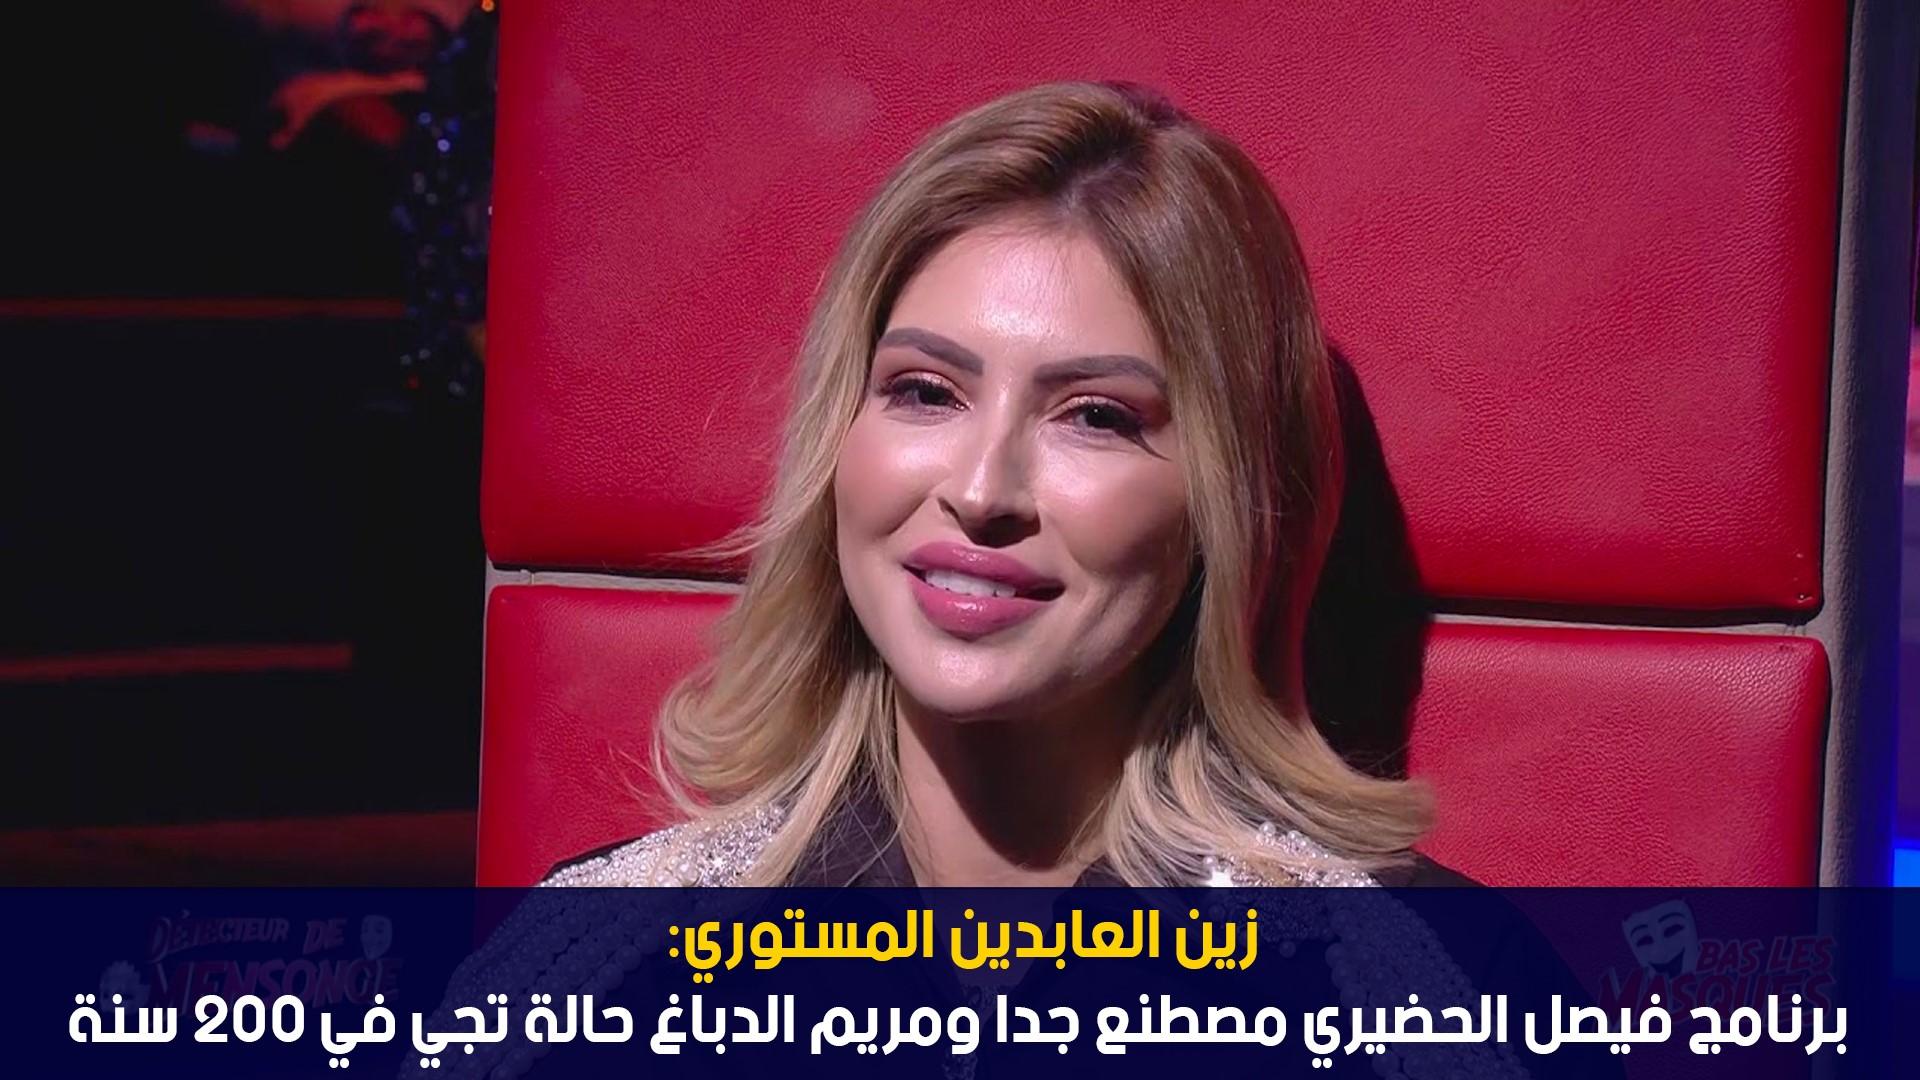 زين العابدين المستوري : فيصل الحضيري كمنشط باهي ومريم الدباغ حالة تجي مرة في 200 سنة